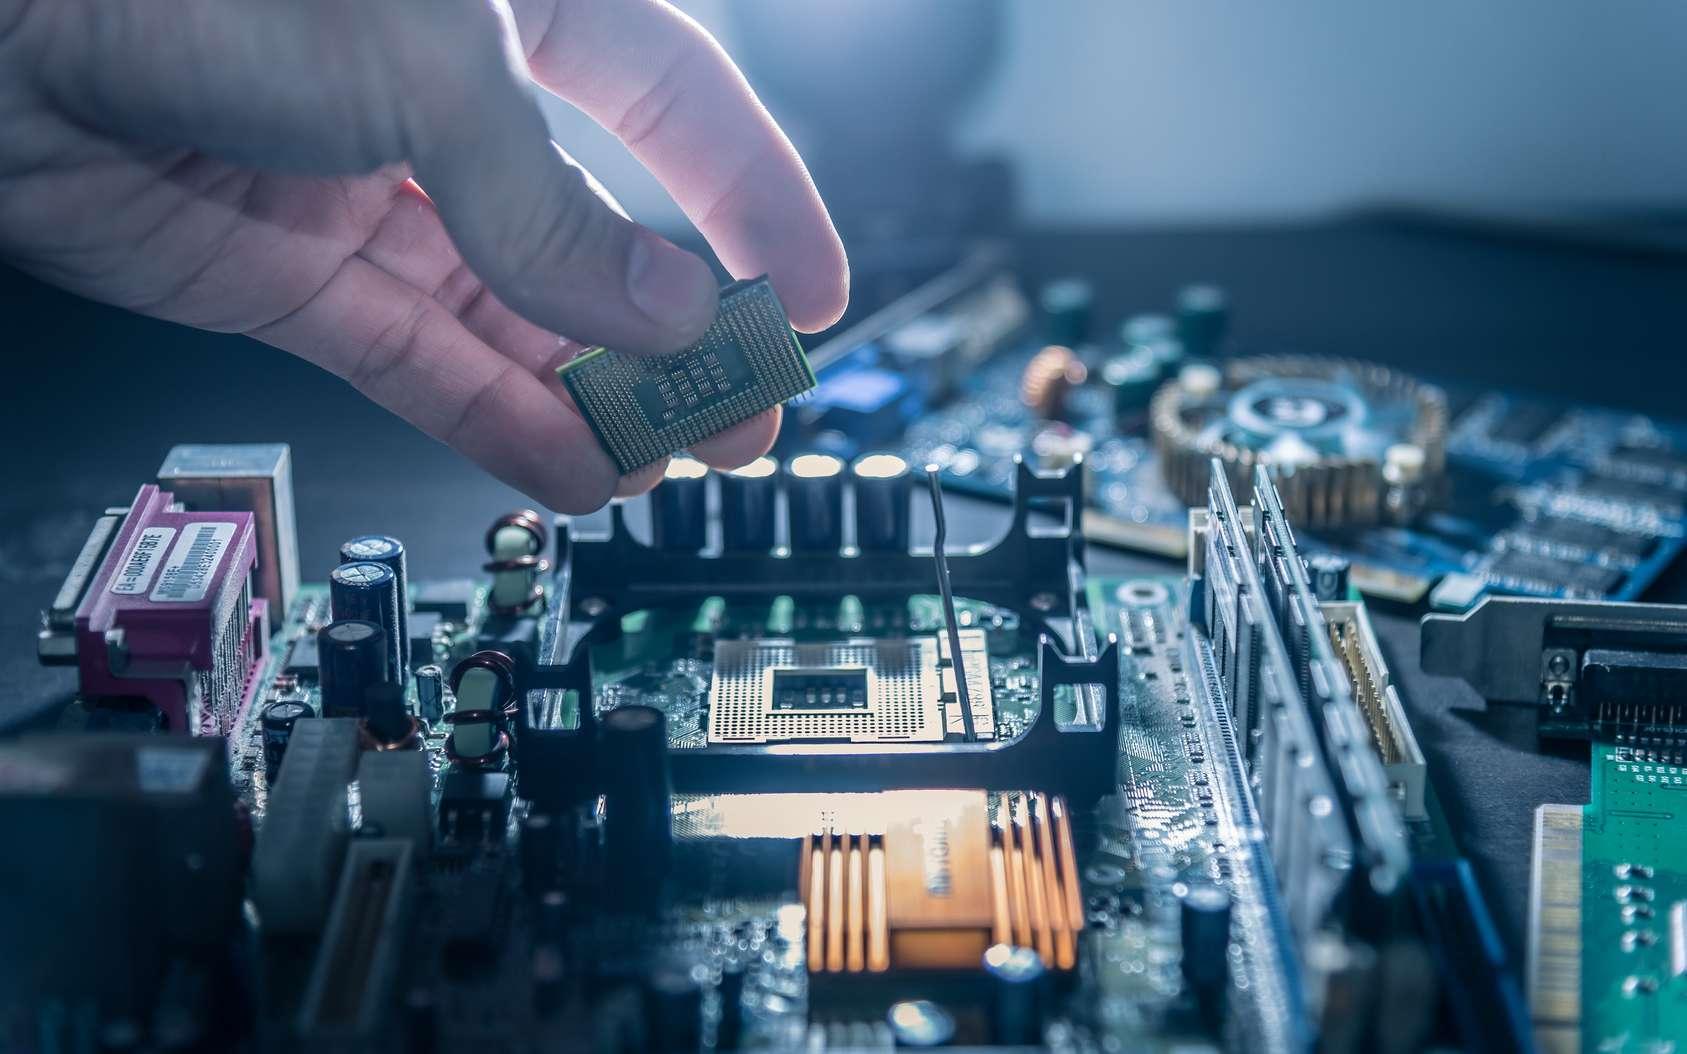 L'ingénieur en électronique peut notamment concevoir de nouveaux matériaux ou composants électroniques afin de développer de nouvelles innovations technologiques. © TimeStopper, Fotolia.